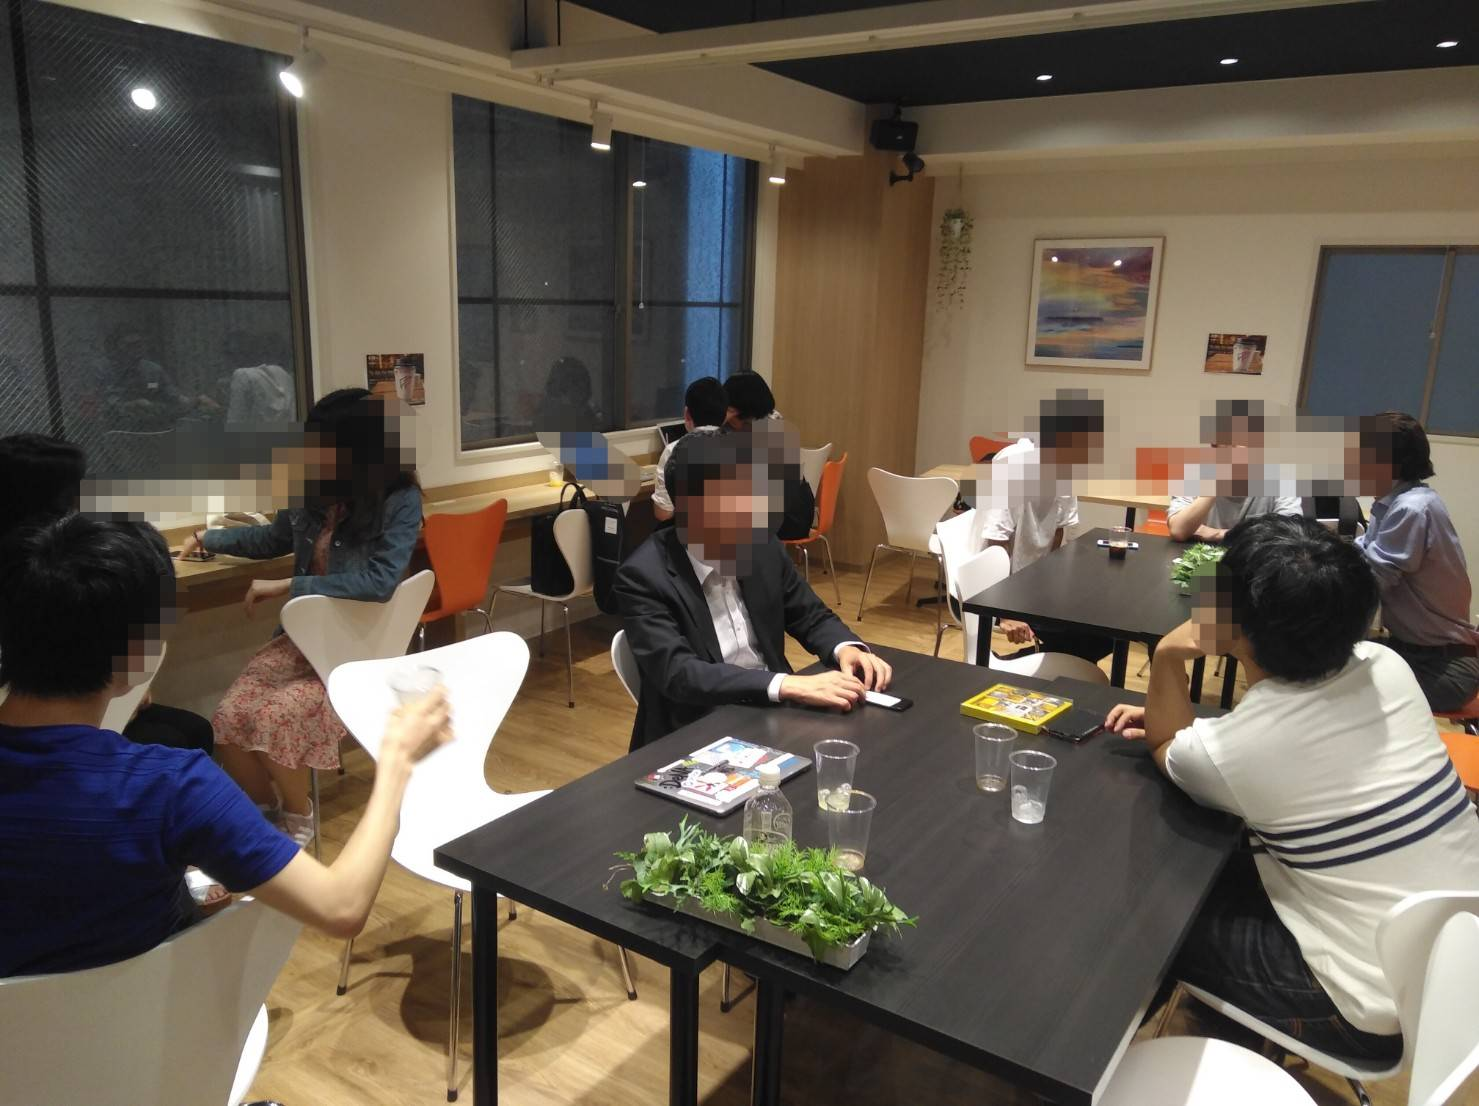 慶應の第1回ノンゼミ生交流会・潜入レポート